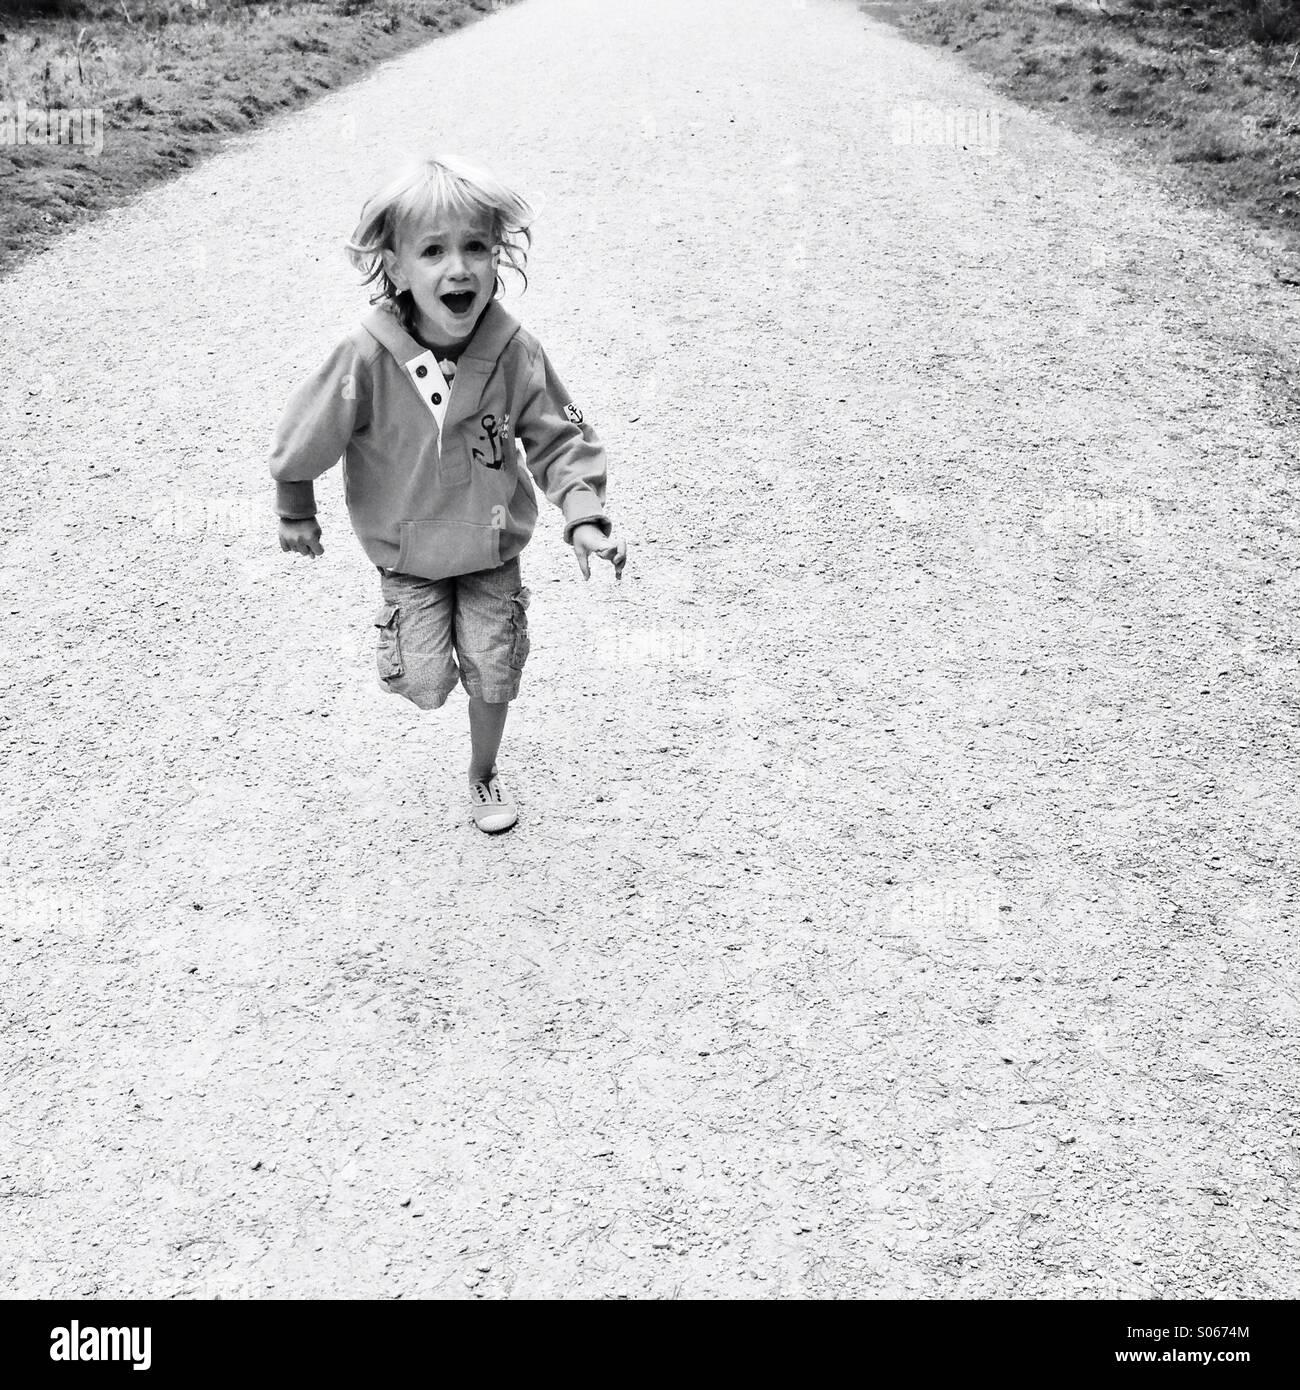 Bambino correre verso di voi, urlando Immagini Stock